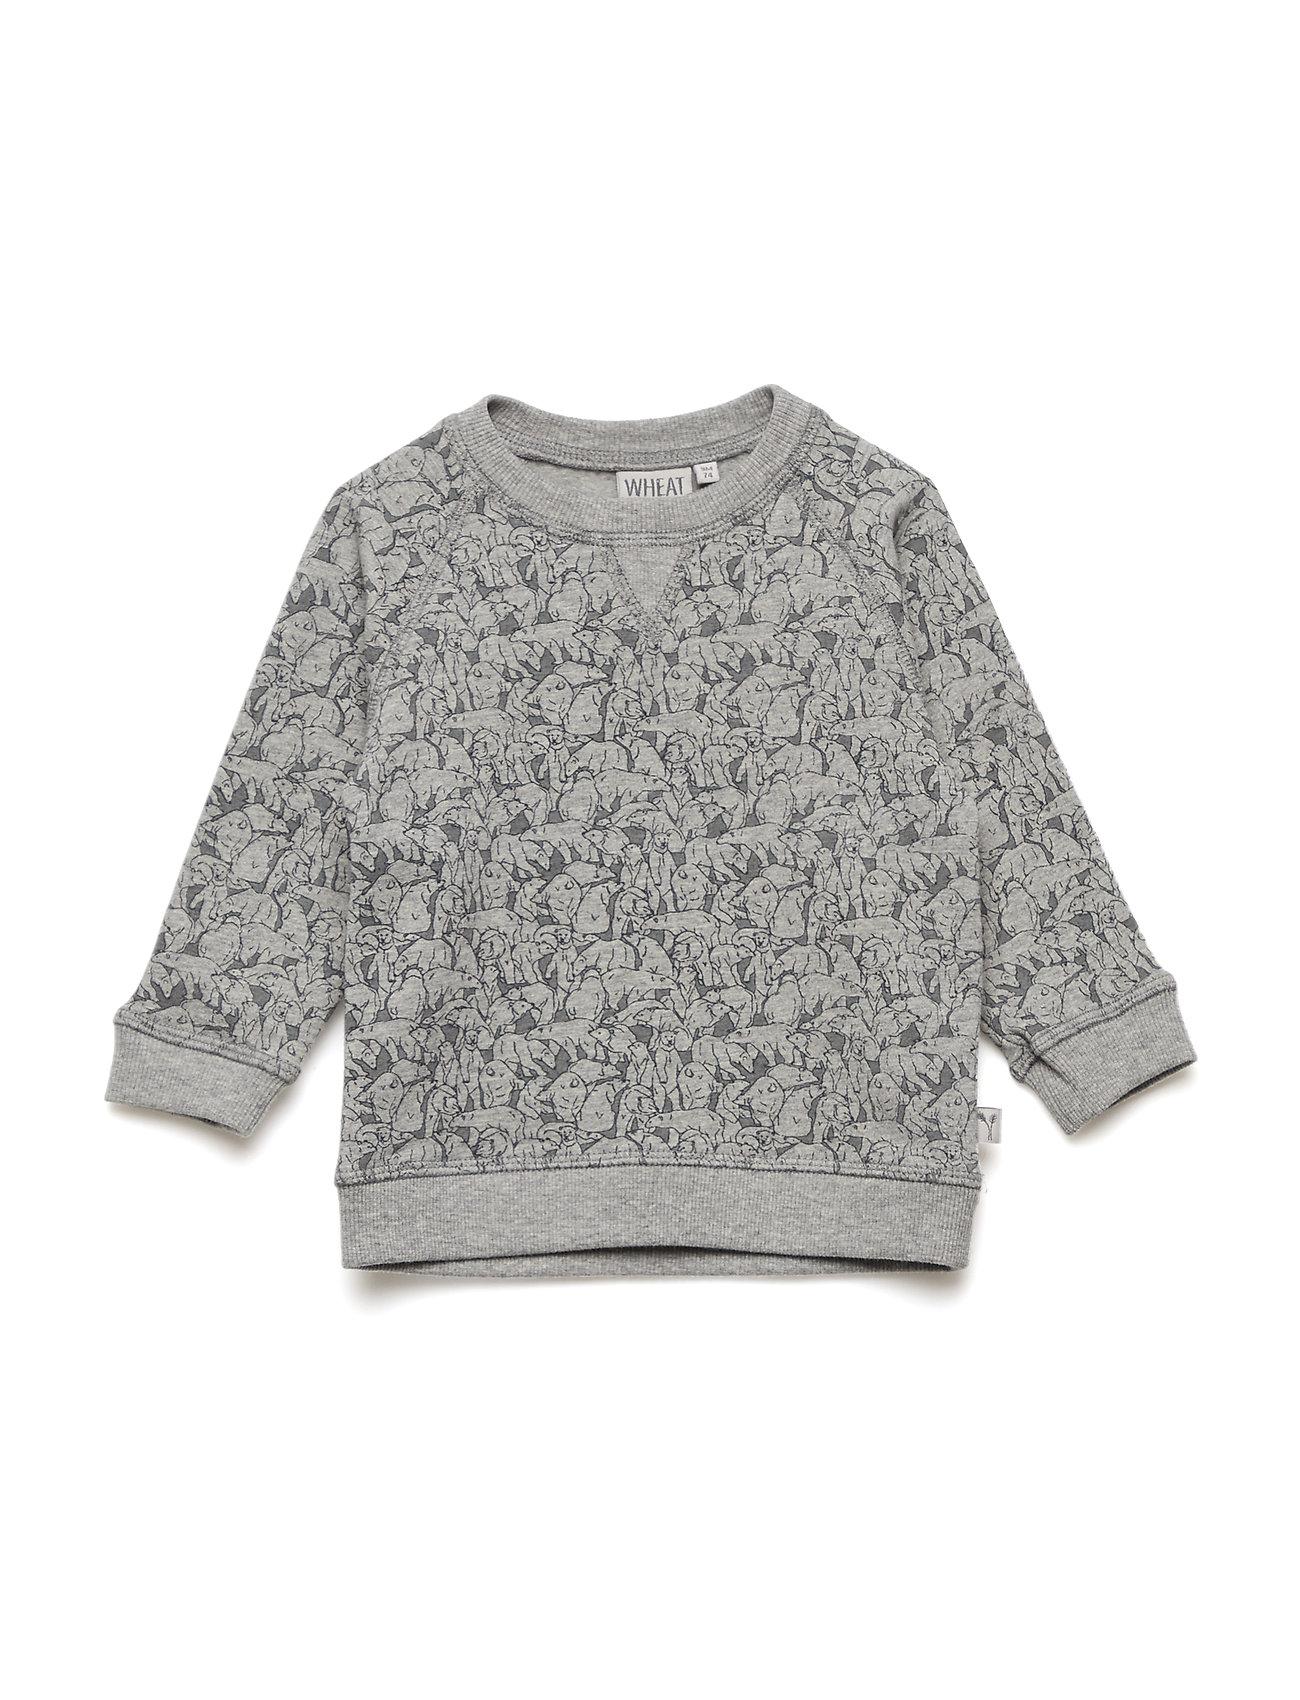 Wheat Sweatshirt Elvis - MELANGE GREY